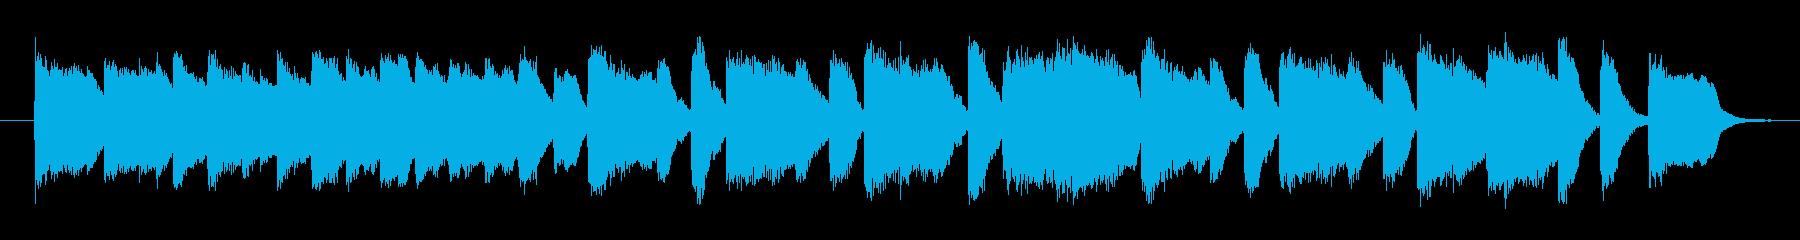 クラシカルなオリジナルピアノサウンドの再生済みの波形